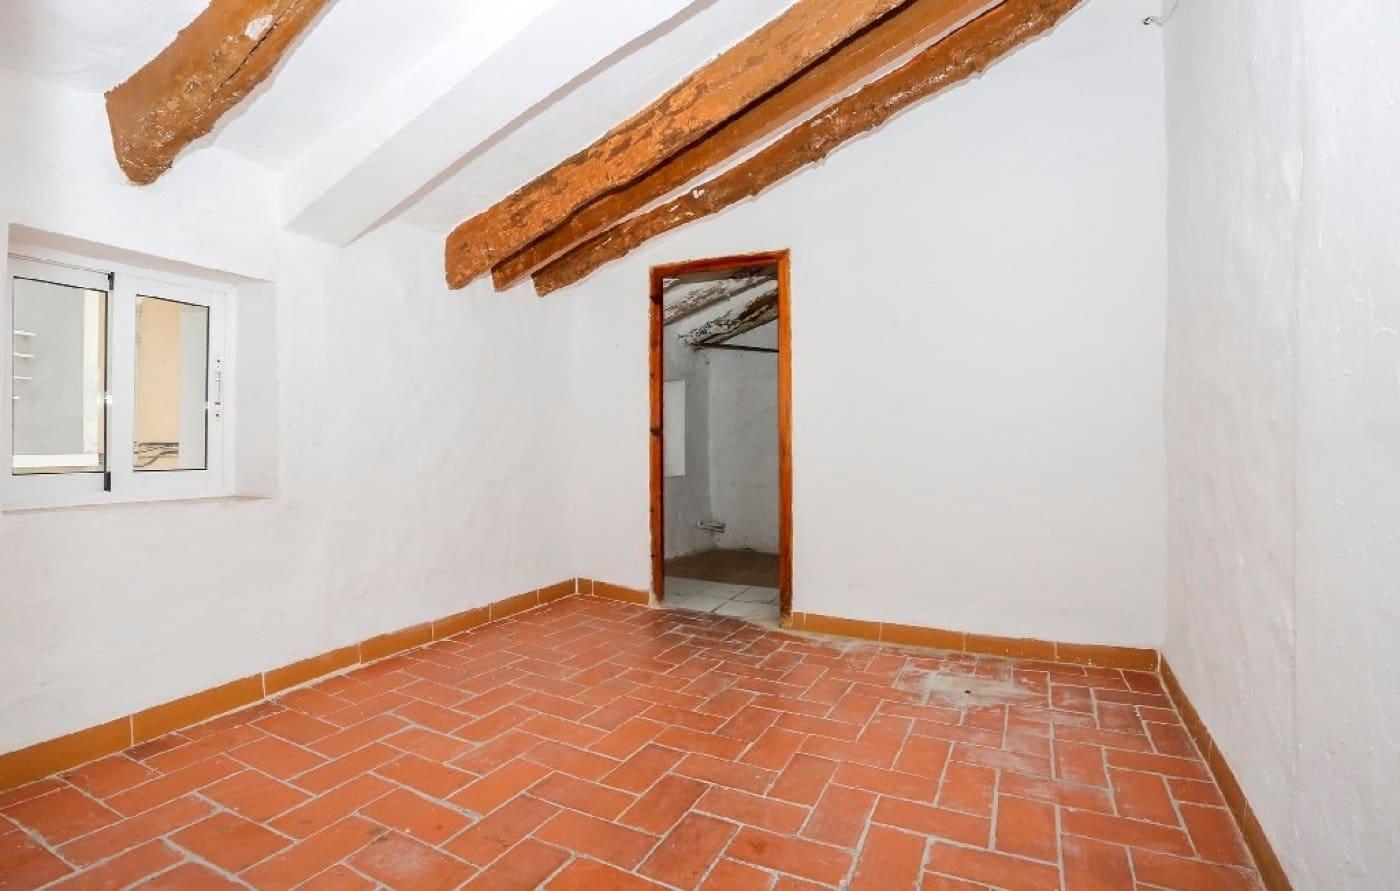 3 chambre Villa/Maison à vendre à Beniopa - 30 500 € (Ref: 5310390)